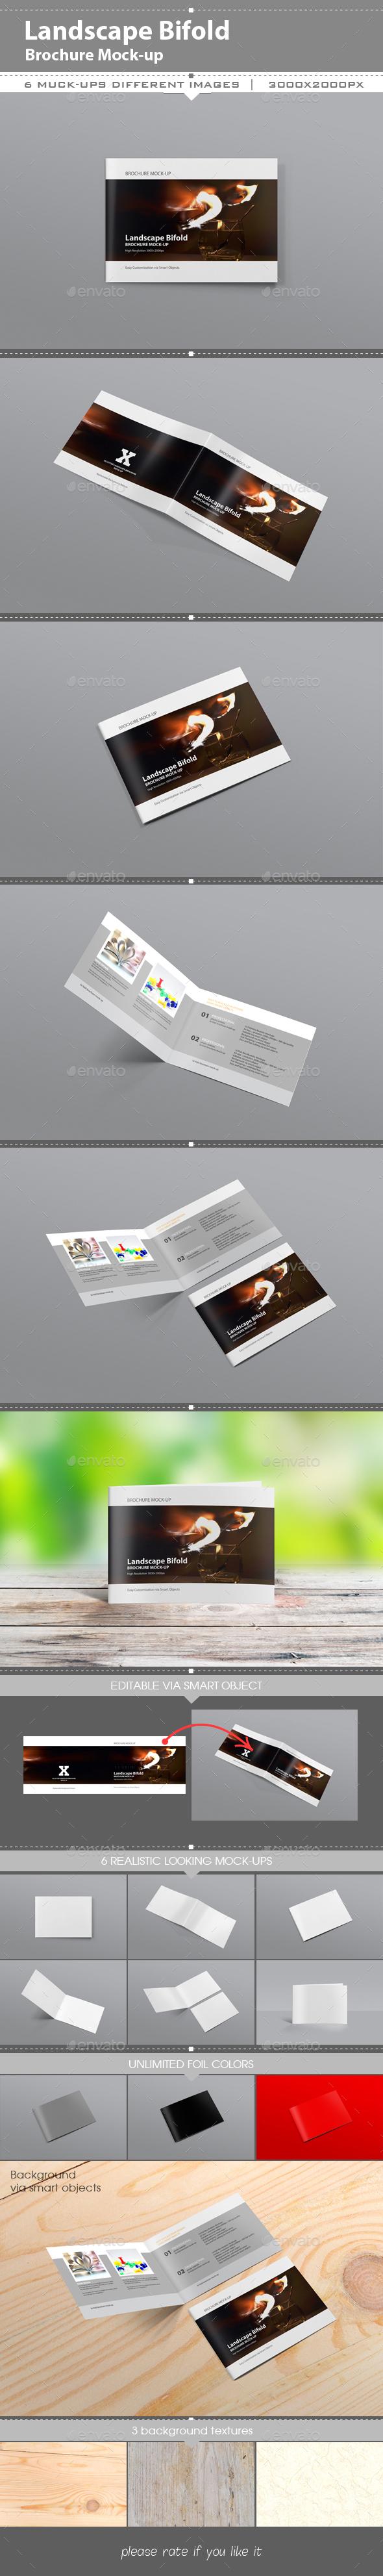 Landscape Brochure Mockup  Photoshop Psd BiFold Mockup